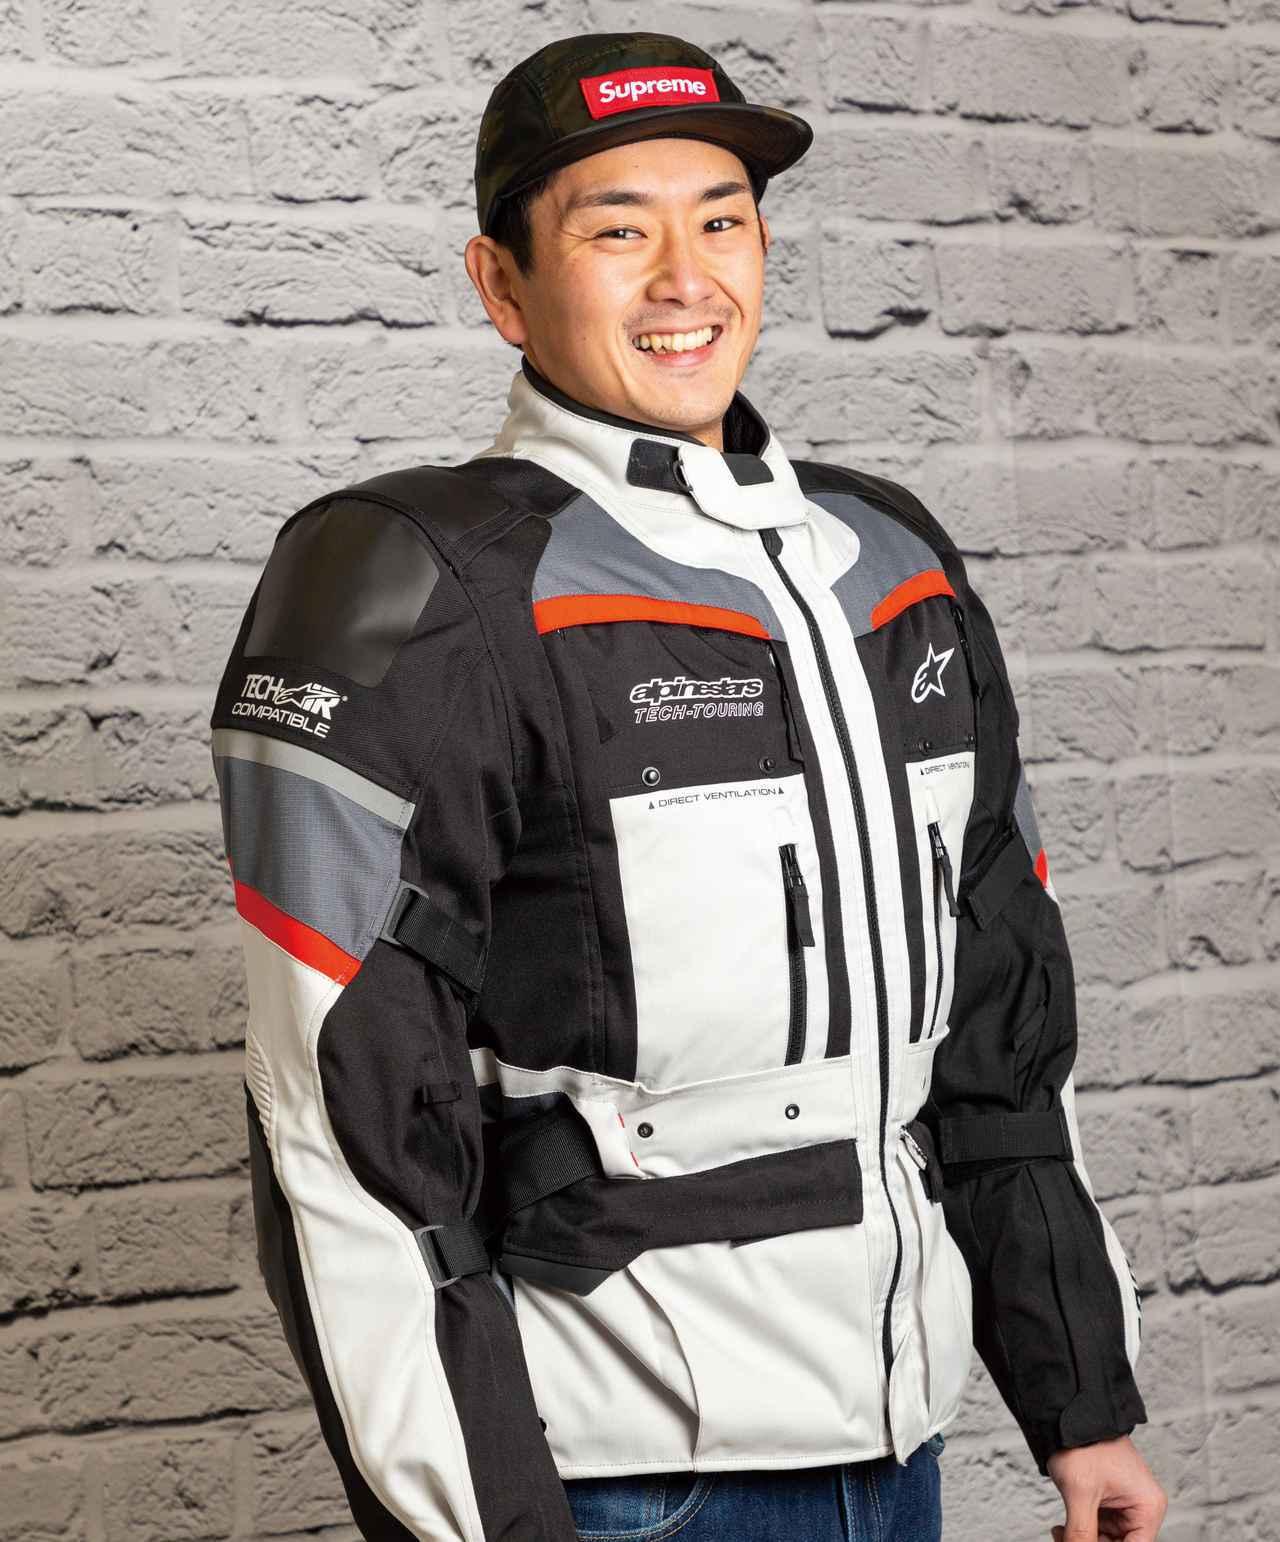 画像: バイク用エアバッグの利用価値はあるのか? ジャケットの下に着るだけで使える高性能エアバッグベストを試してみた! - webオートバイ